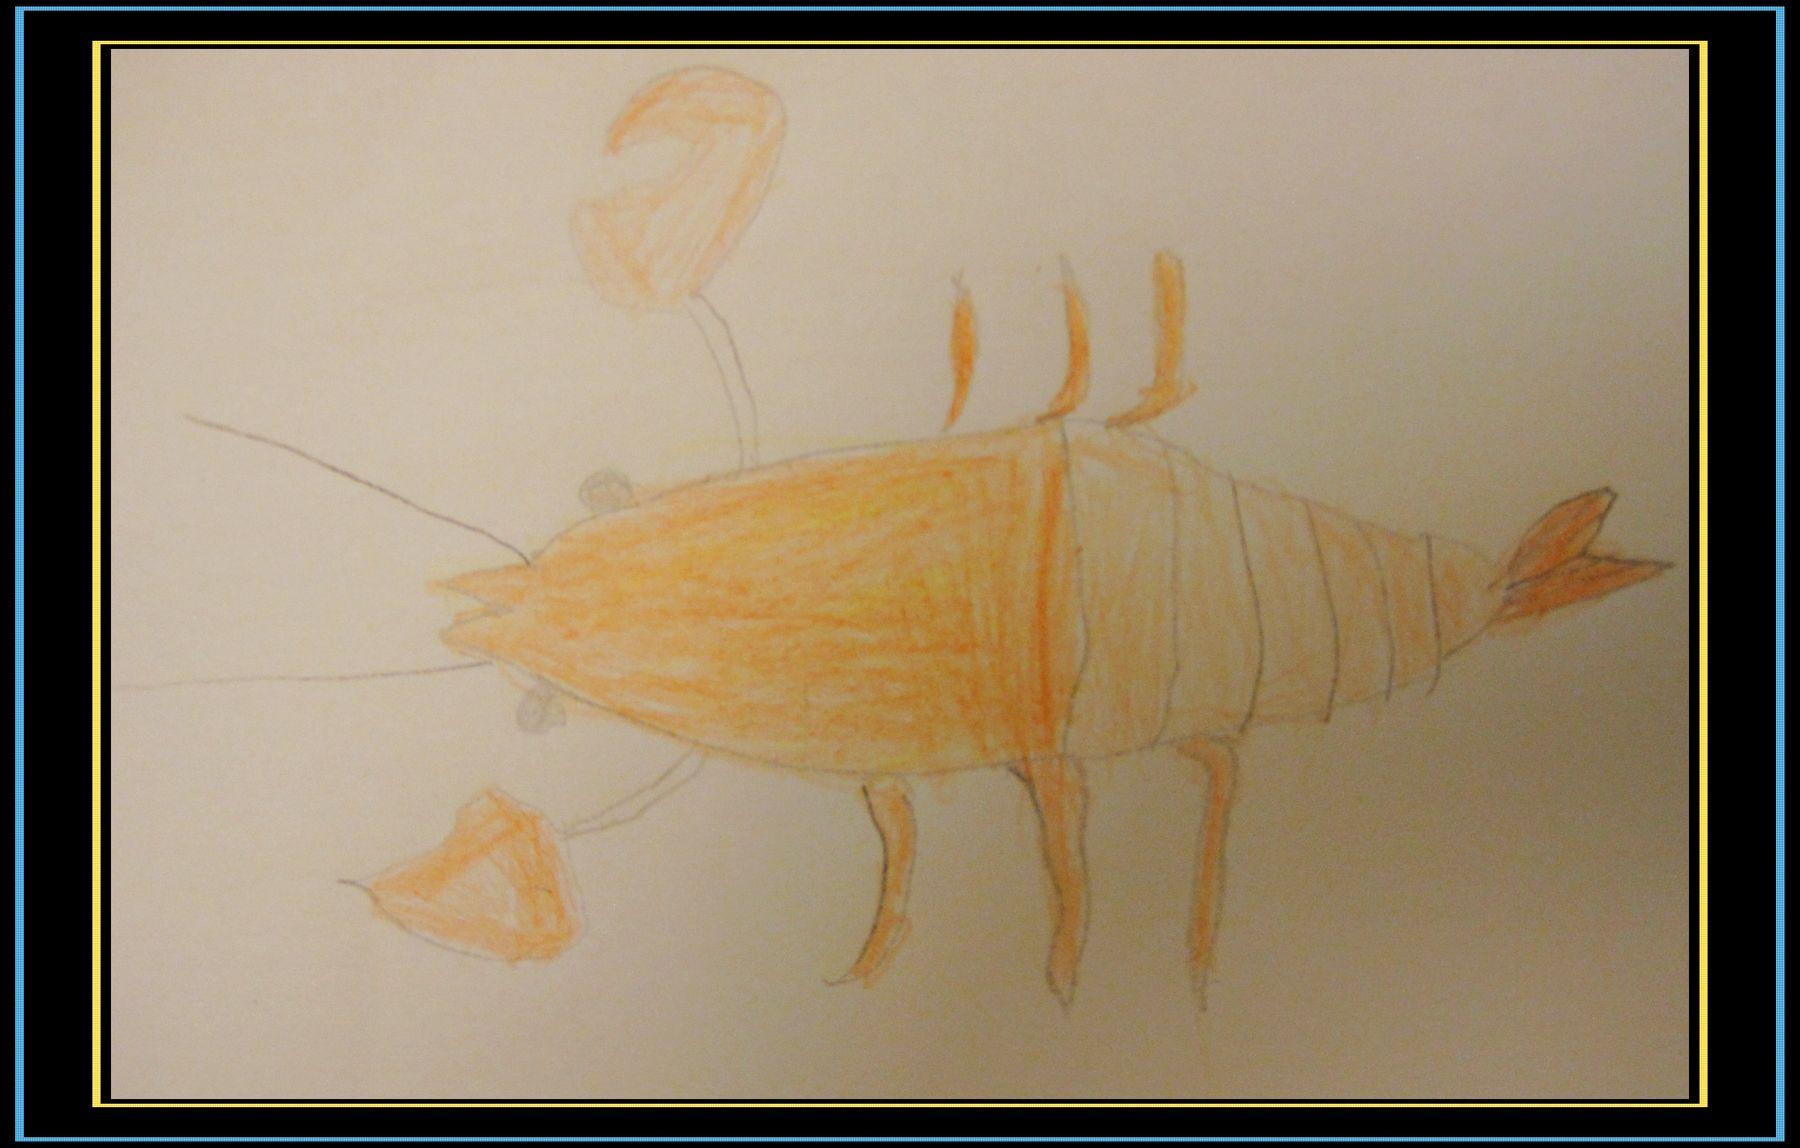 为陪孩子画画,零基础妈妈自学铅笔画(记录贴)